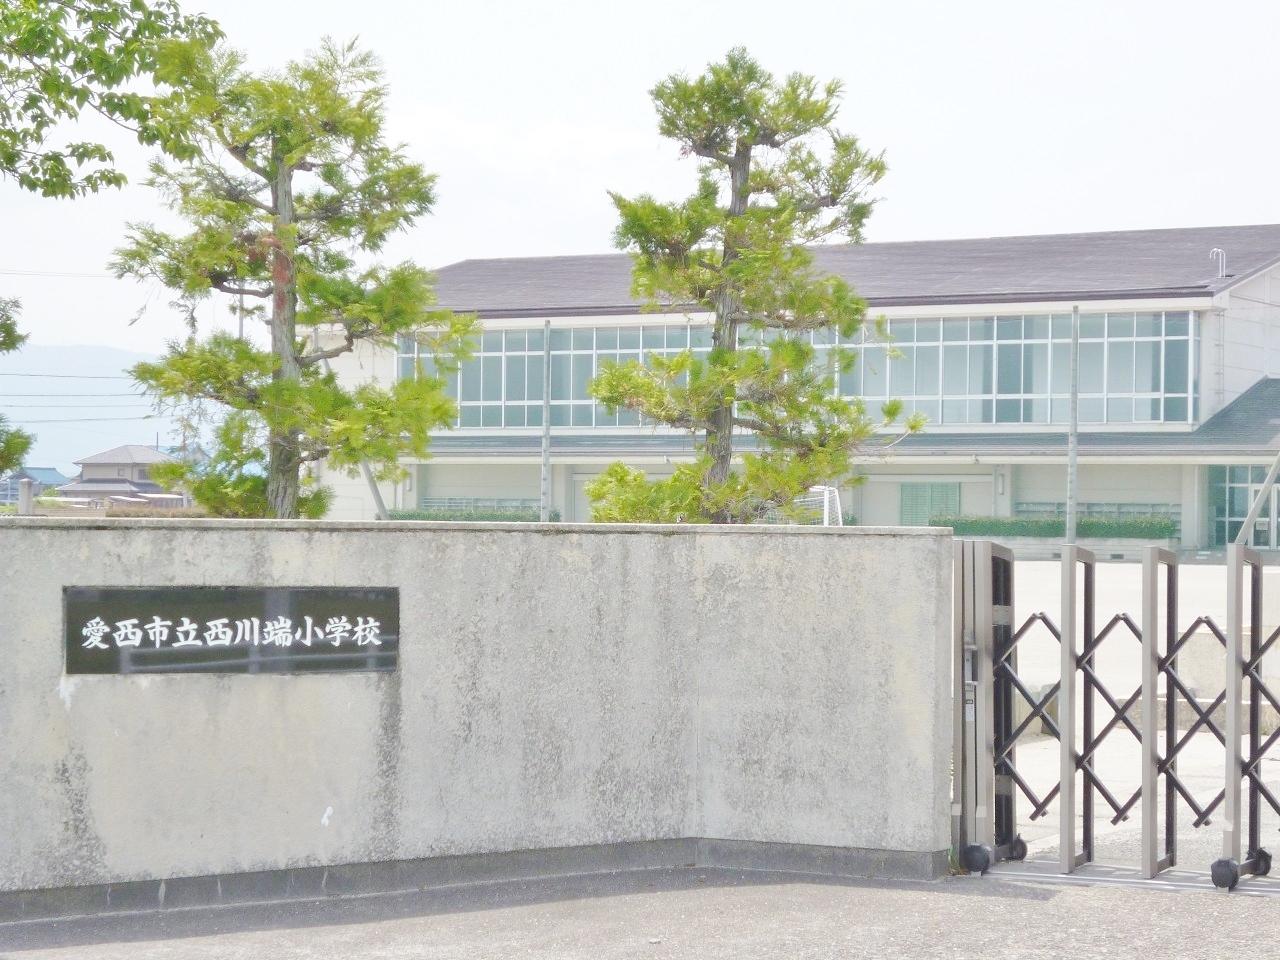 西川端小学校